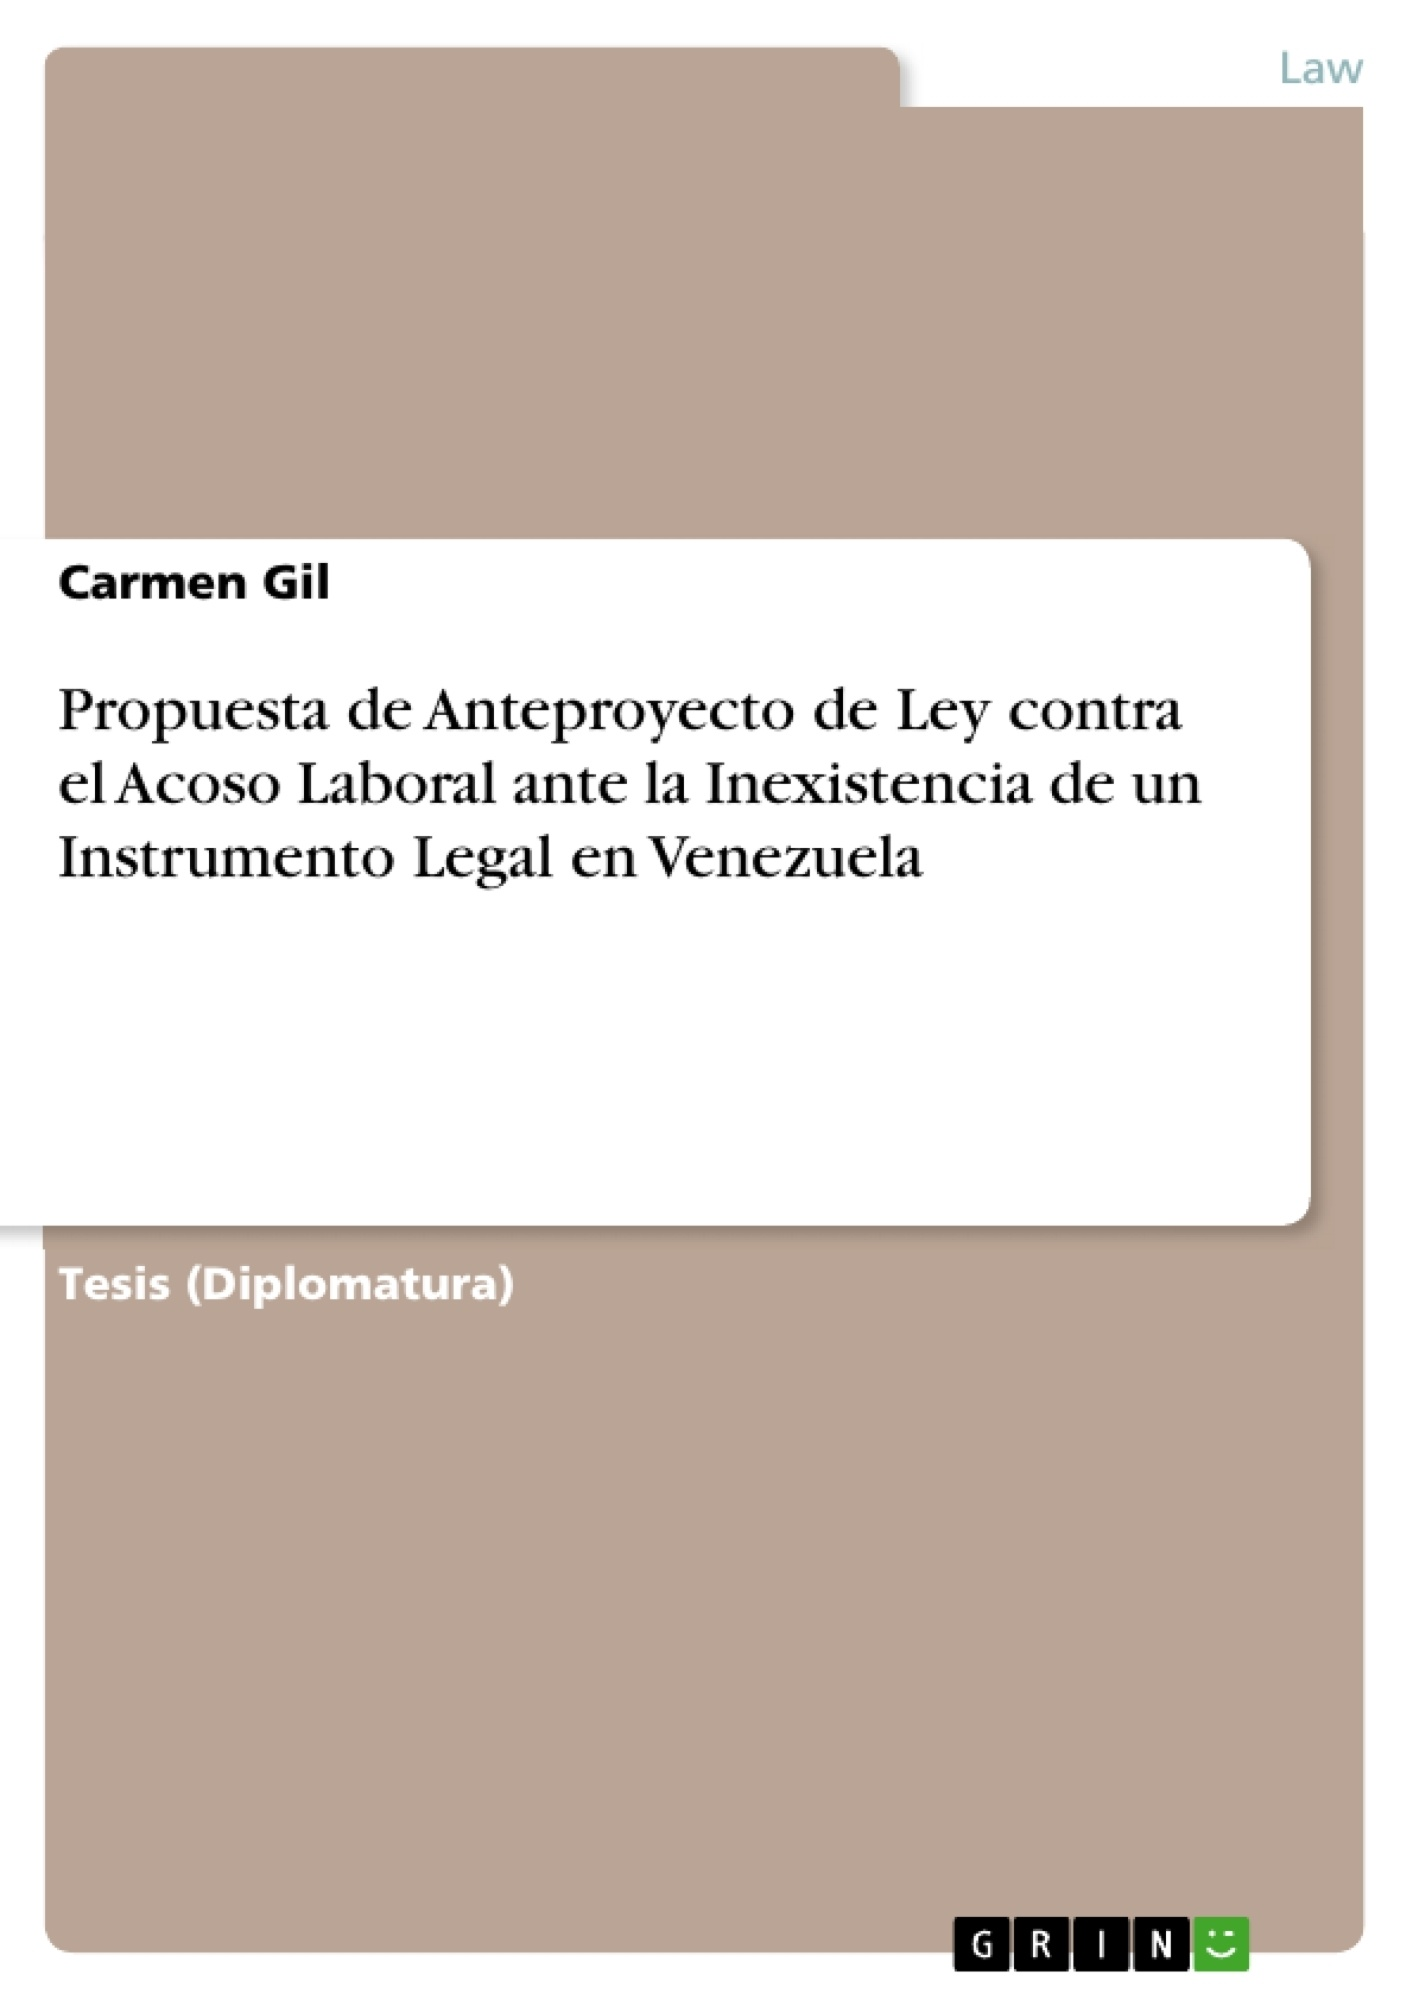 Título: Propuesta de Anteproyecto de Ley contra el Acoso Laboral ante la Inexistencia de un Instrumento Legal en Venezuela